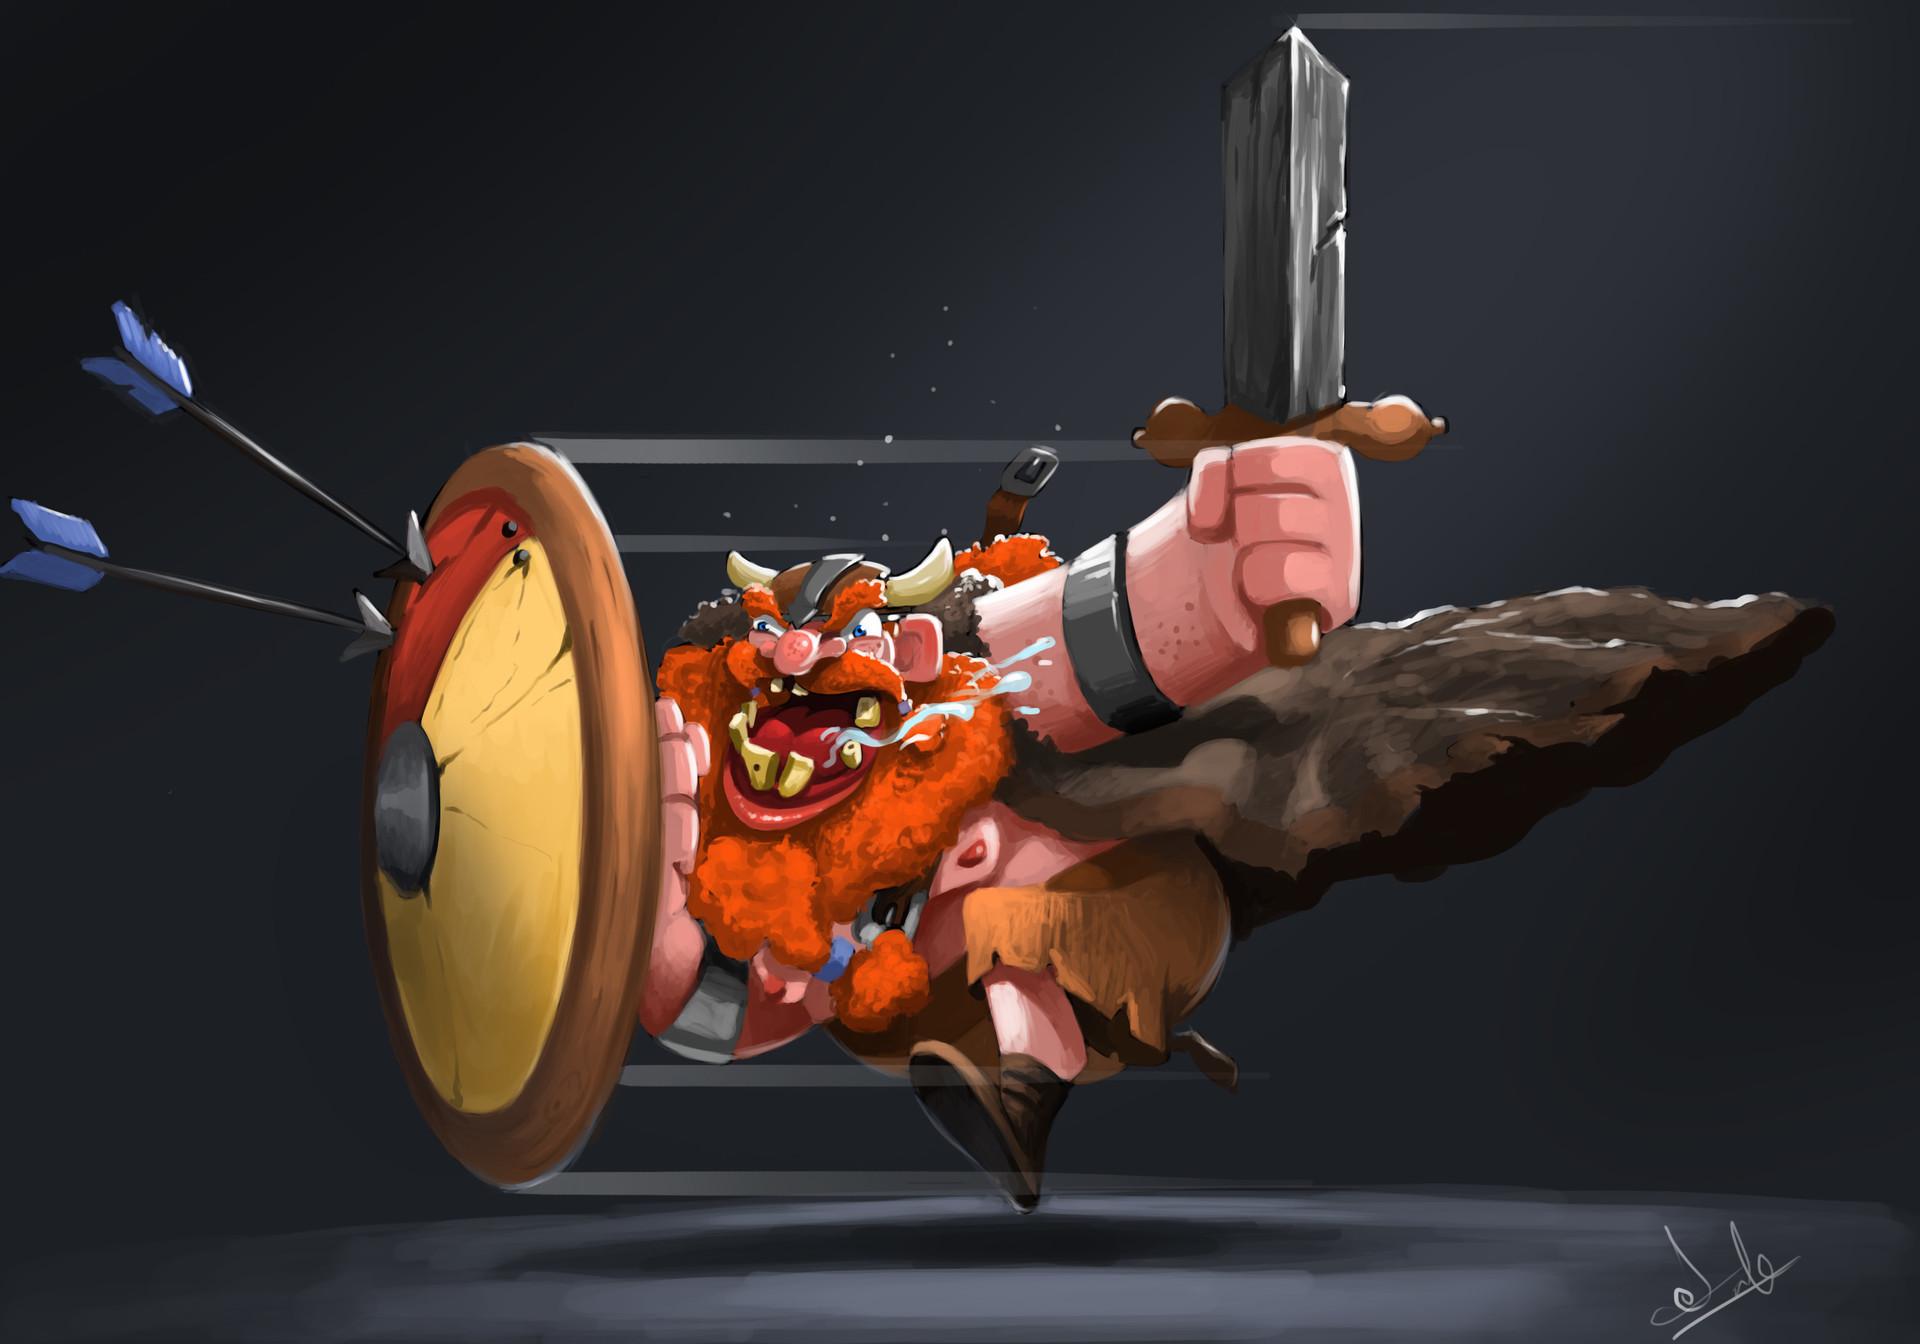 Eslam fekry viking 2